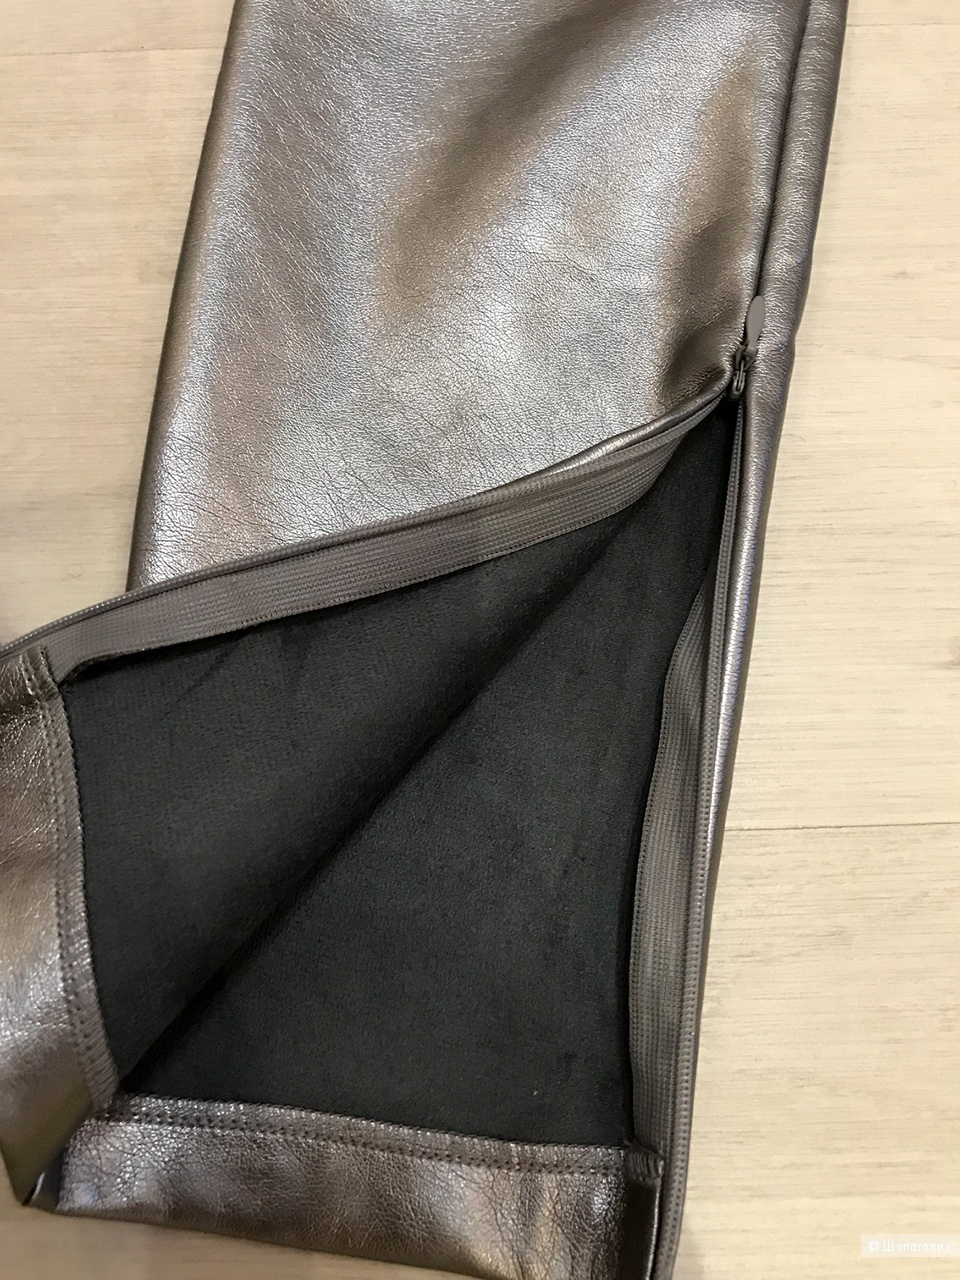 Сет: пальто Mango, свитер WW-FShiney, леггинсы Zara р 42-44